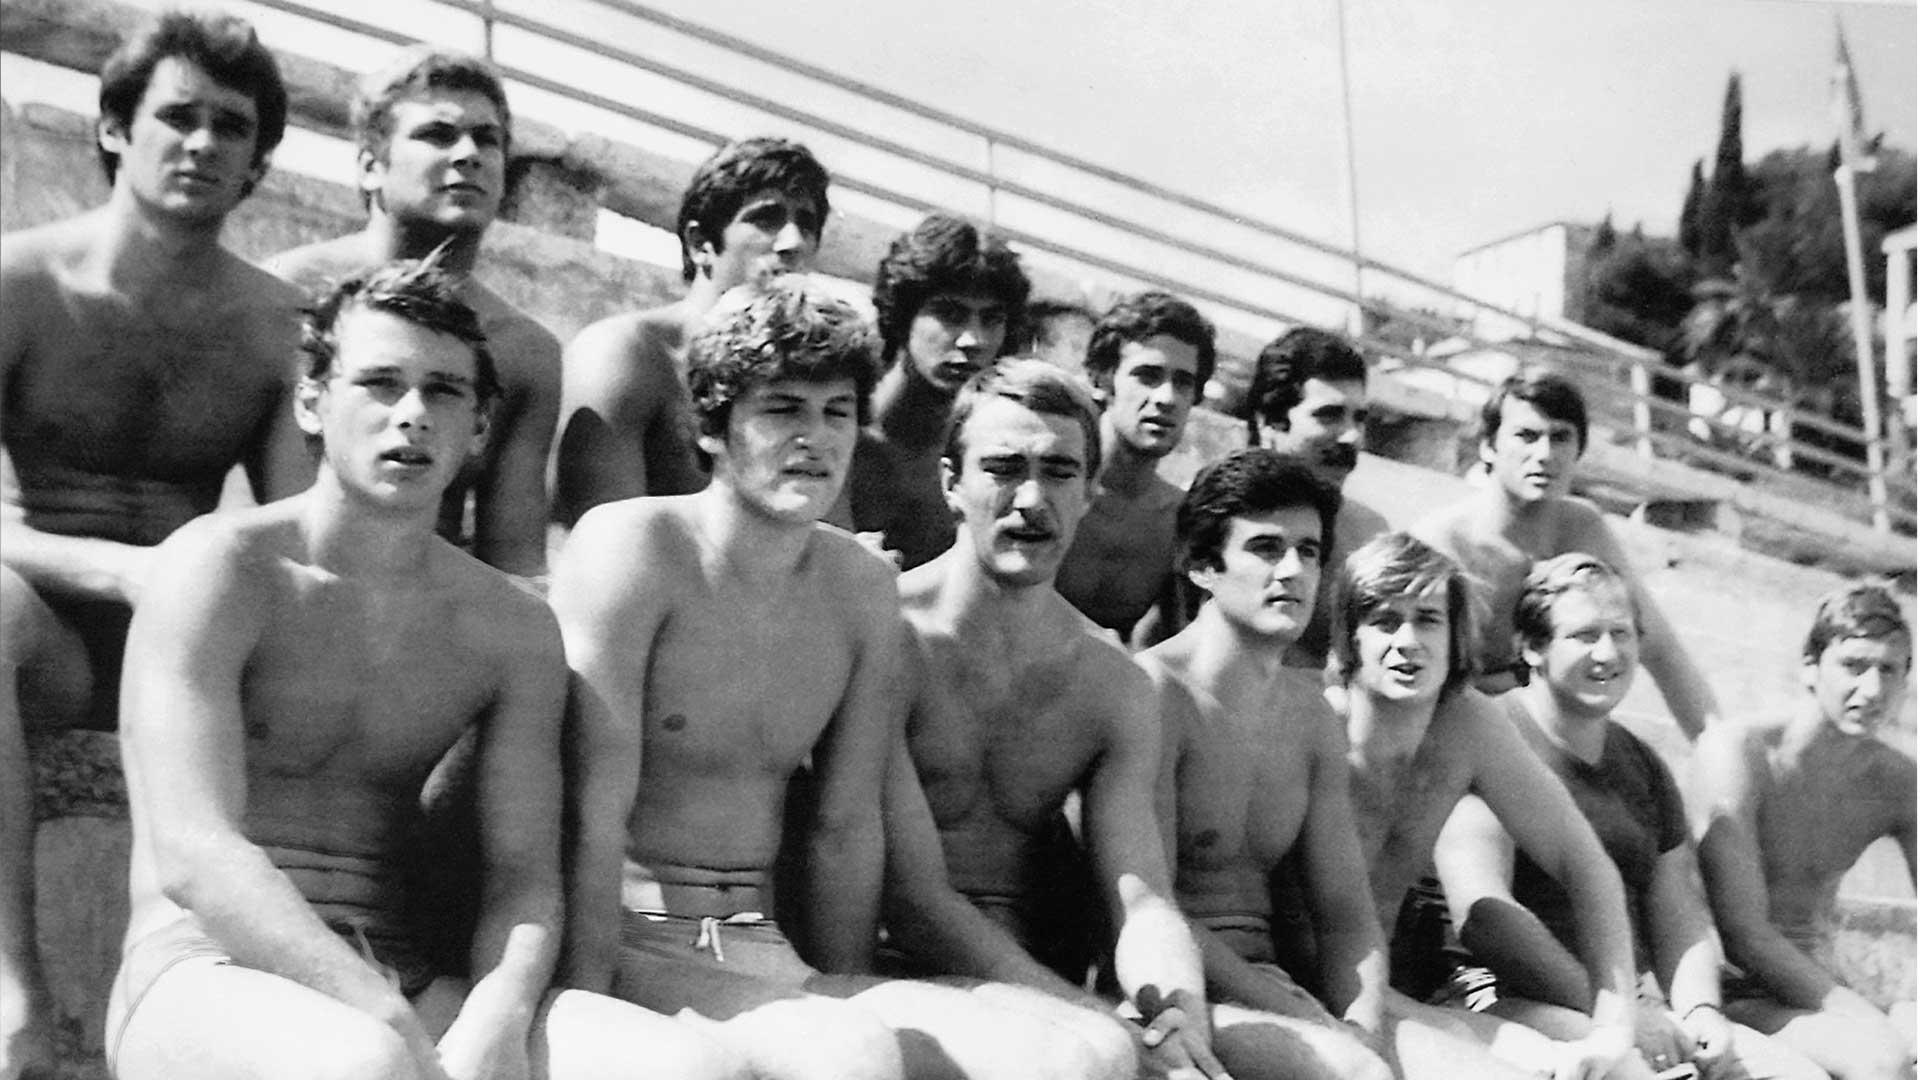 jadran-herceg-novi-prvi-tim-1975-godine